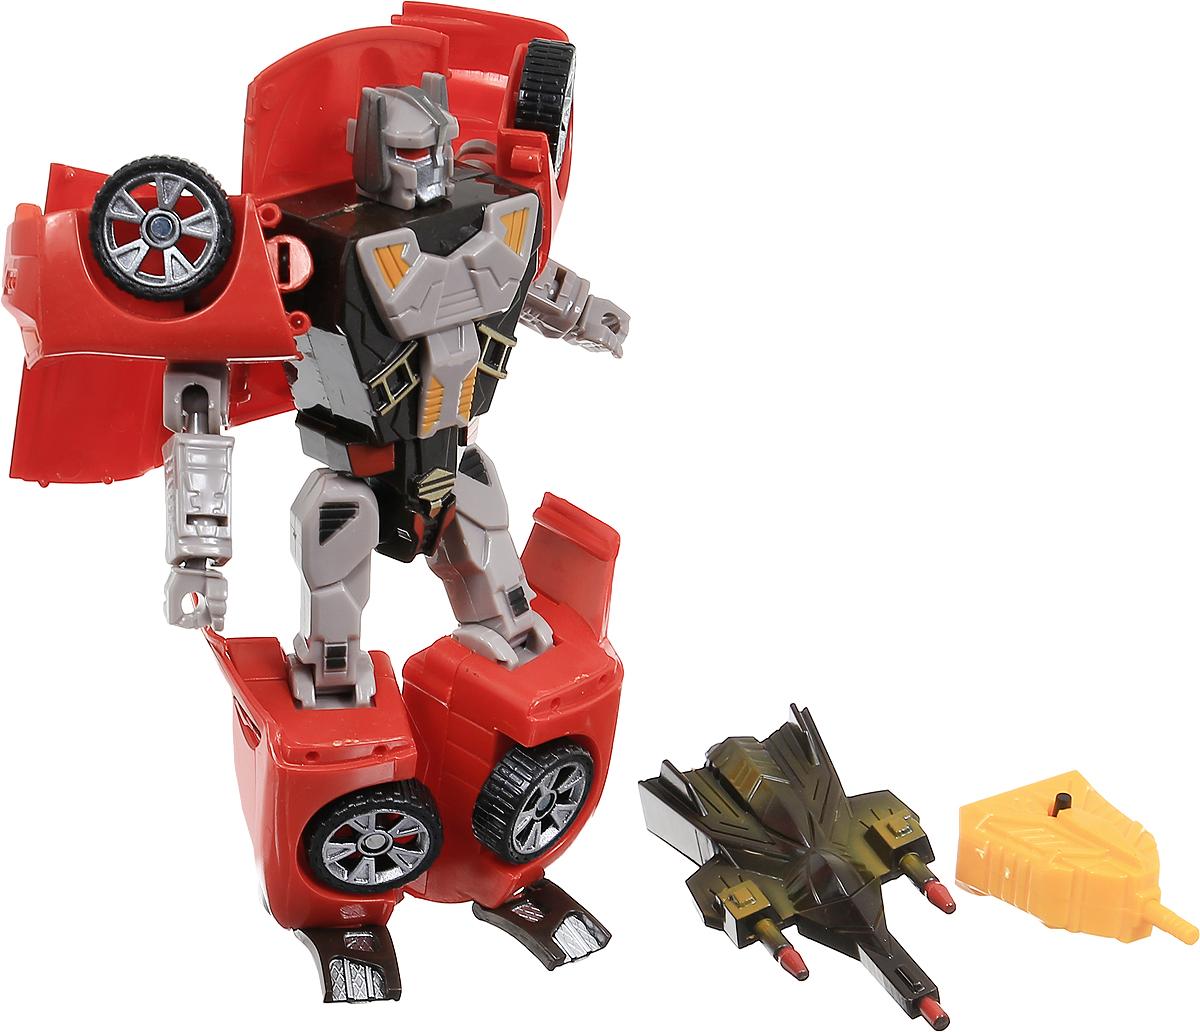 Able Star Робот-трансформер Inter Change цвет красный3832Робот-трансформер Able Star Inter Change для юных любителей техники, ведь робота можно превратить в настоящую машину. Модель трансформации не сложна, поэтому любой мальчишка справится с превращением робота в машину и наоборот. Трансформер превращается в машину красного цвета. Данная игрушка обладает световыми эффектами. В разложенном виде у робота сгибаются руки и ноги, что дает ему возможность принимать различные позы. Рекомендуется докупить 2 батарейки напряжением 1,5V типа LR41 (товар комплектуется демонстрационными).